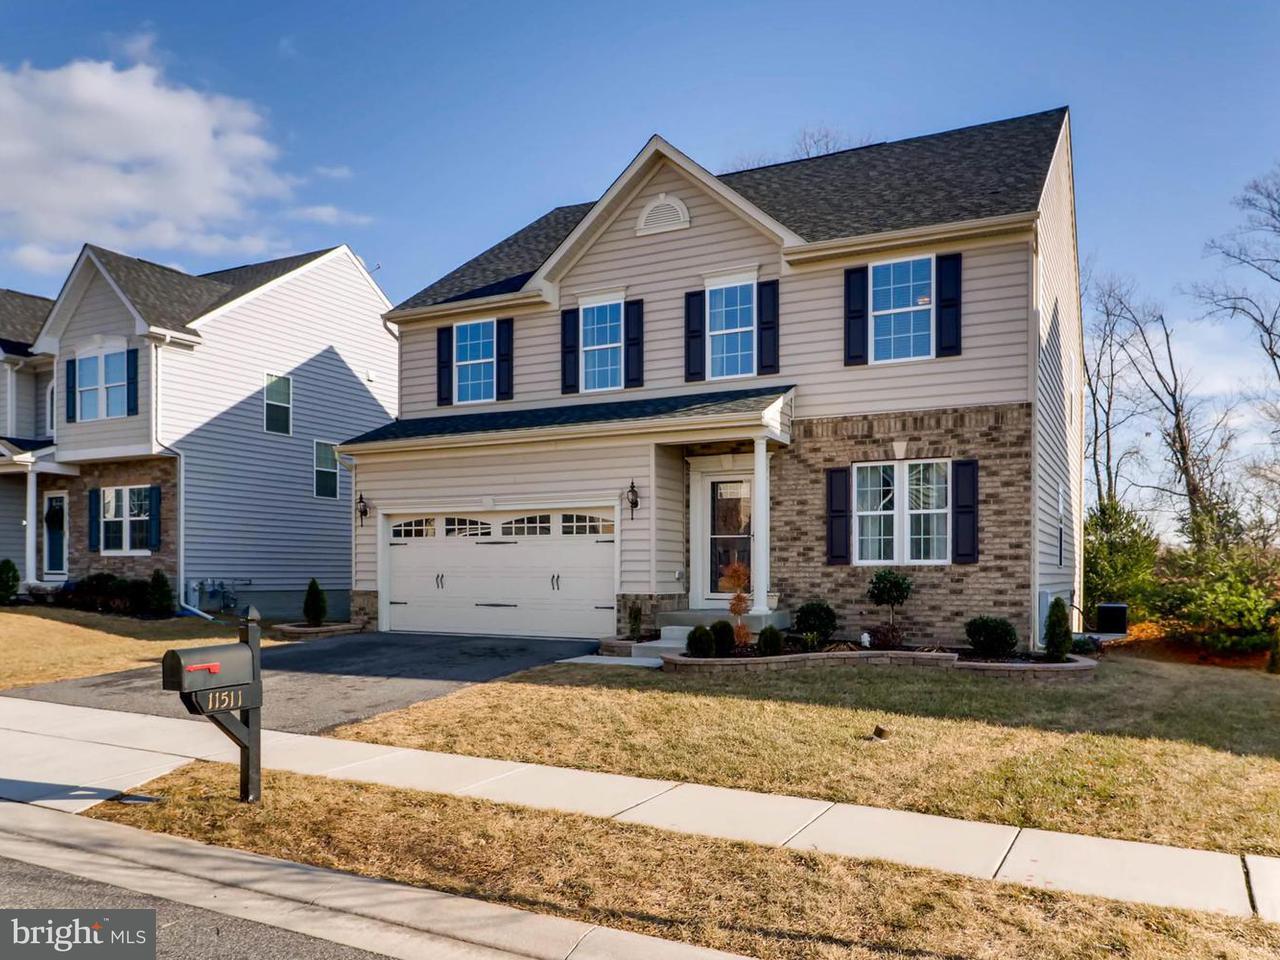 一戸建て のために 売買 アット 11511 Ridgedale Drive 11511 Ridgedale Drive White Marsh, メリーランド 21162 アメリカ合衆国